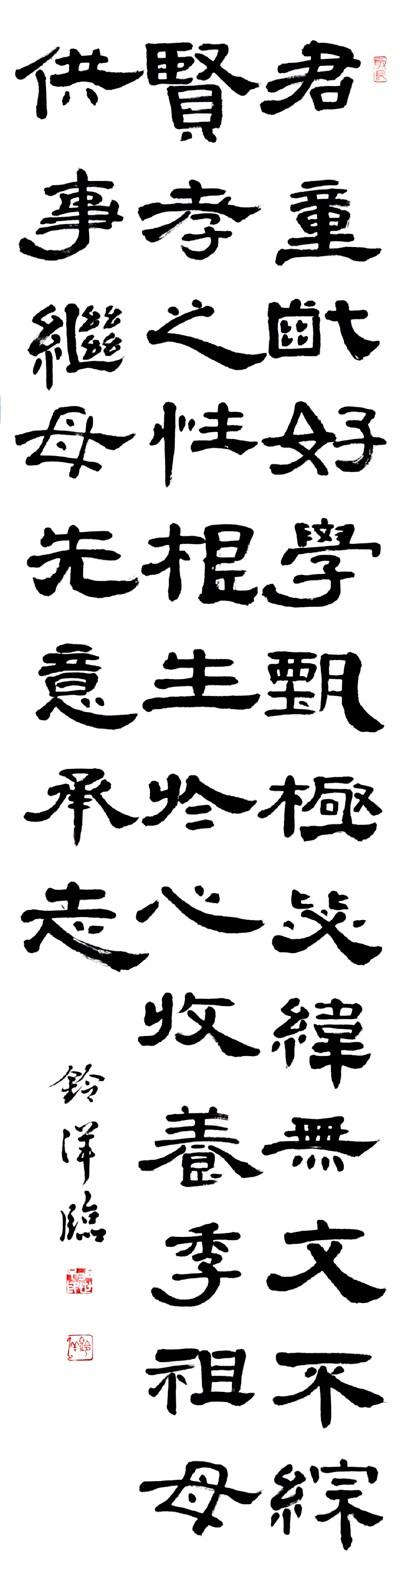 2020年【公募】第49回全書芸展 無鑑査部門 文化院準大賞 西鈴洋